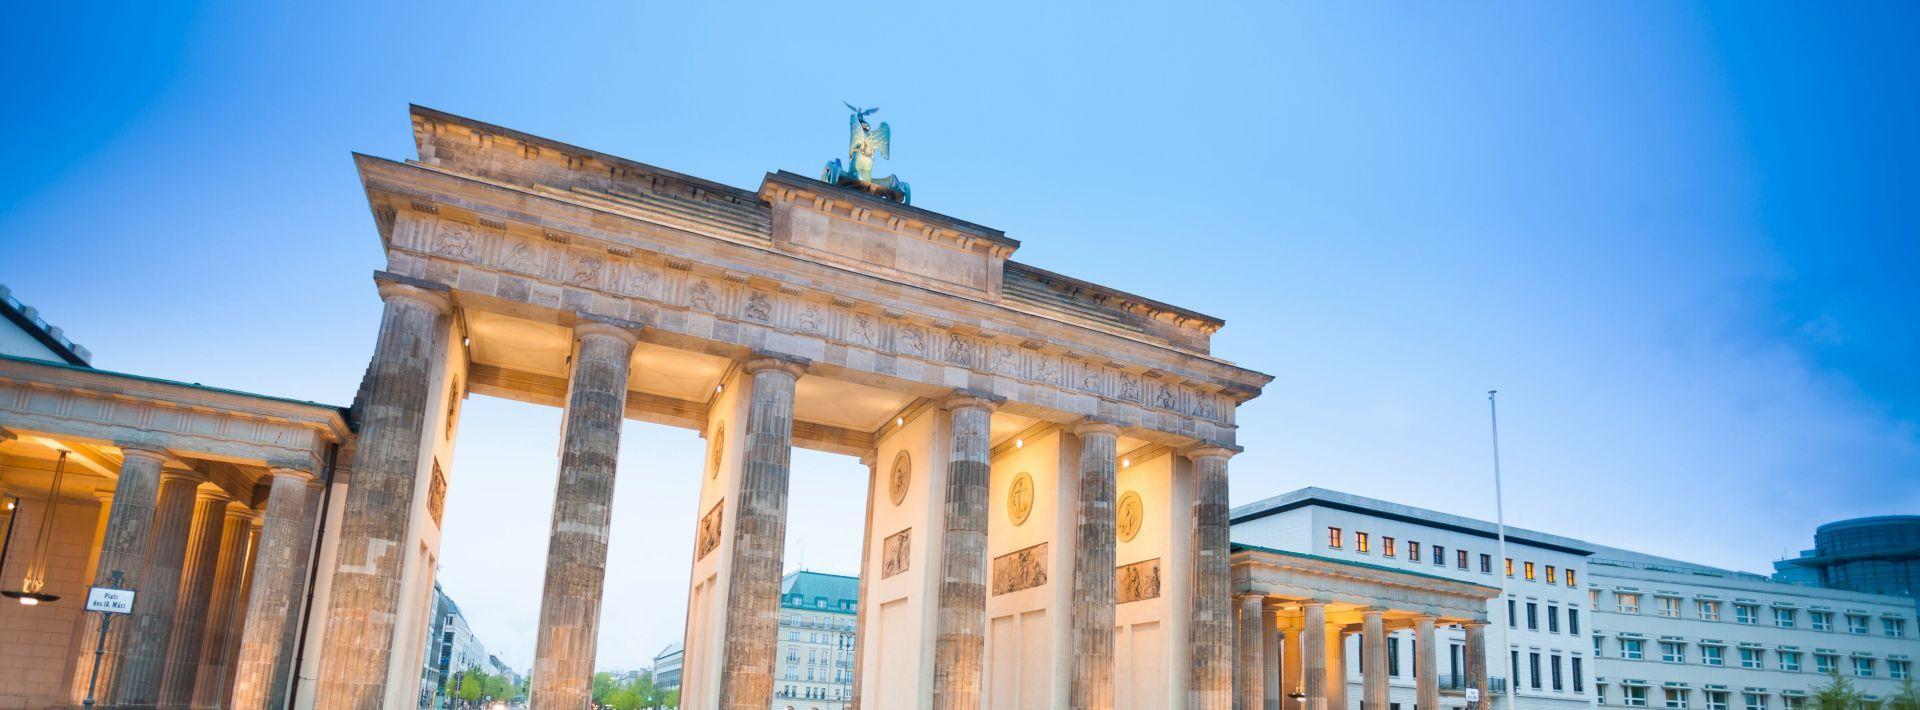 egyetlen vasárnap berlin nő társkereső 70 éves